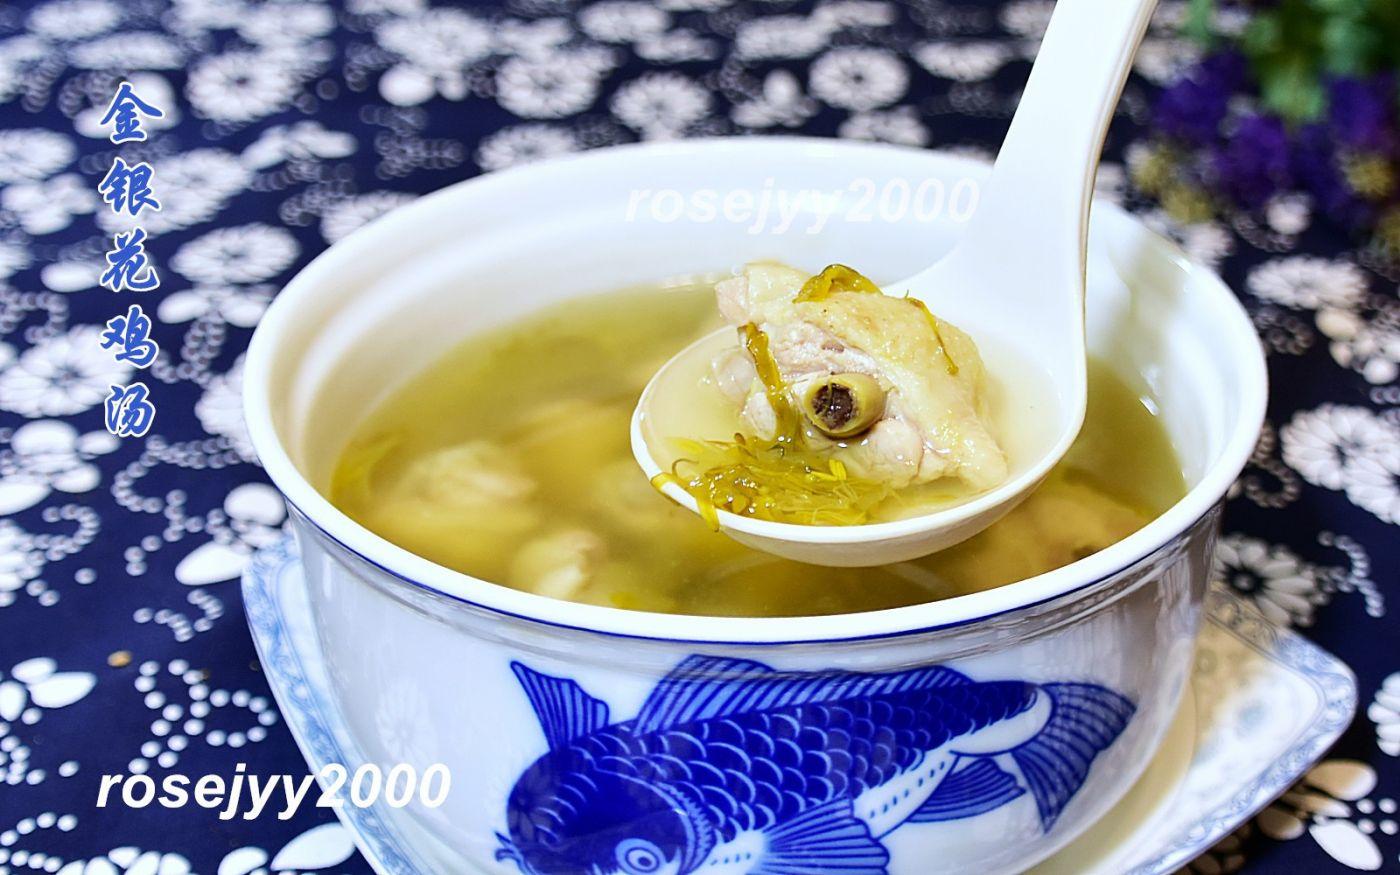 金银花炖鸡汤_图1-1